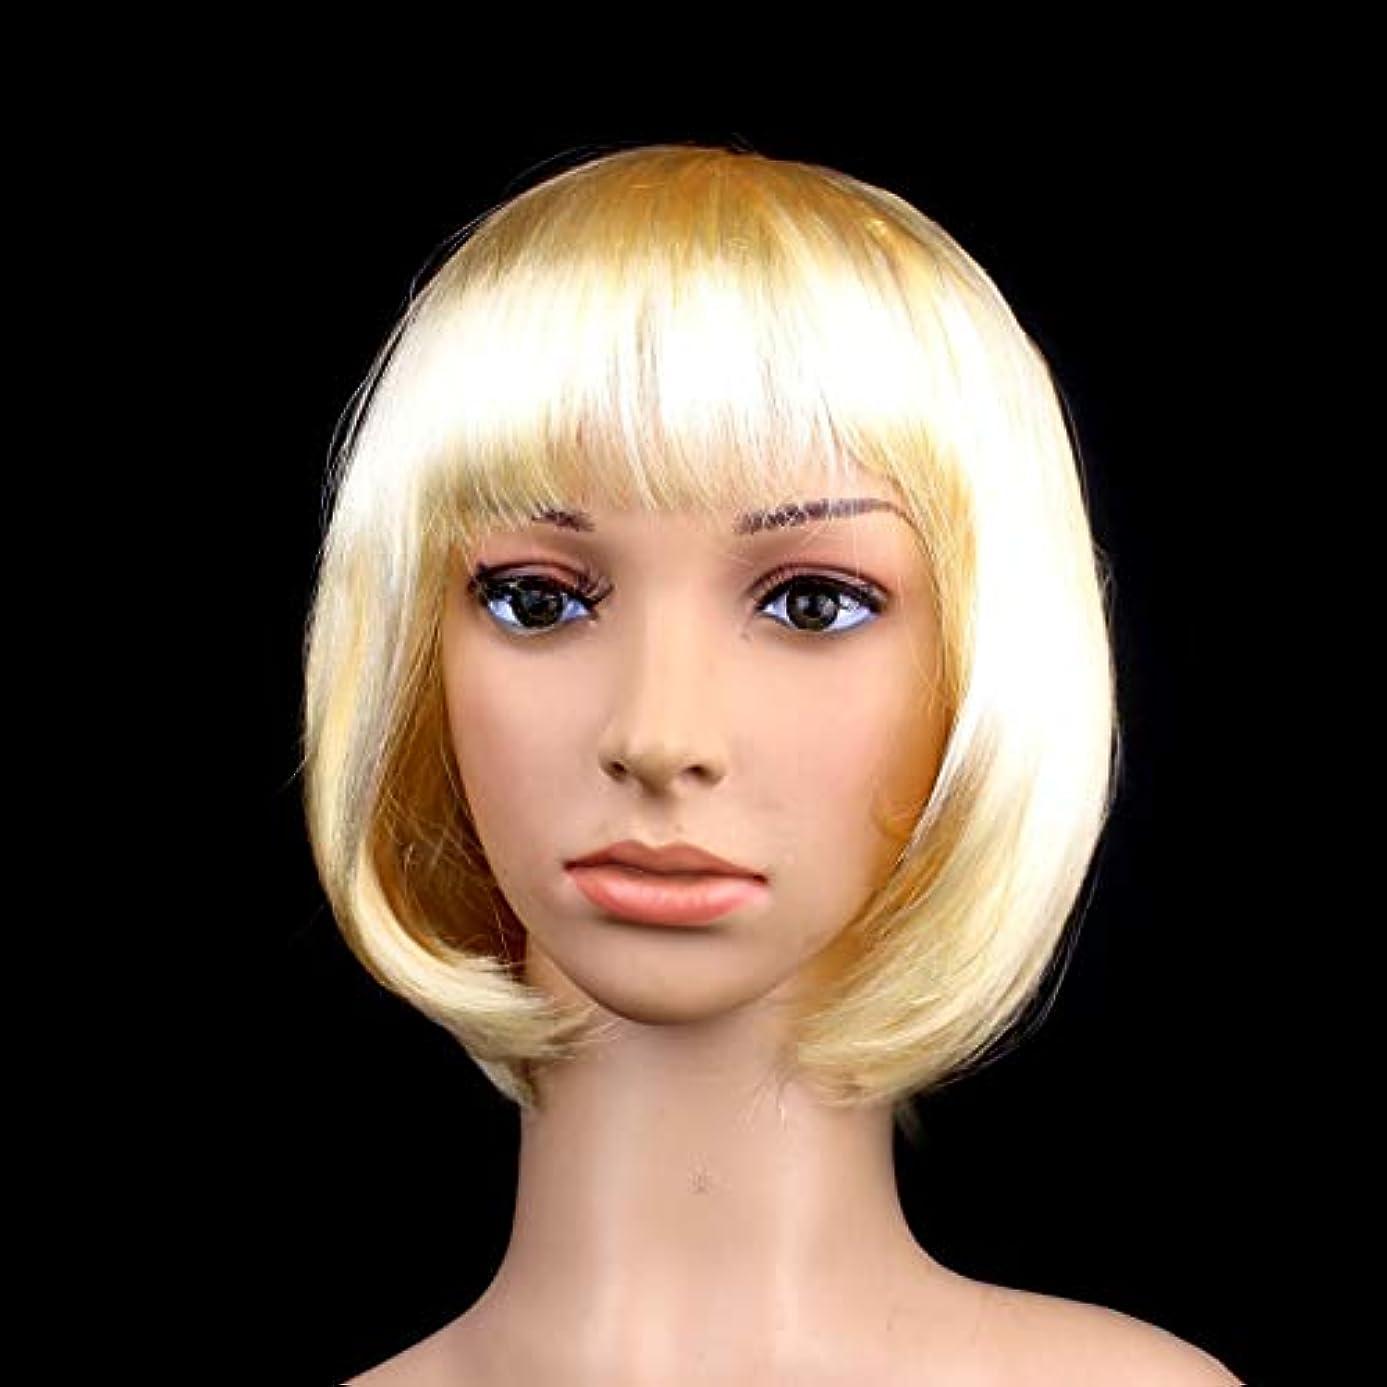 マナー人口以前はWTYD 美容ヘアツール パーティーコスプレヘッドウエアストレートショートペットウィッグ (色 : Gold)